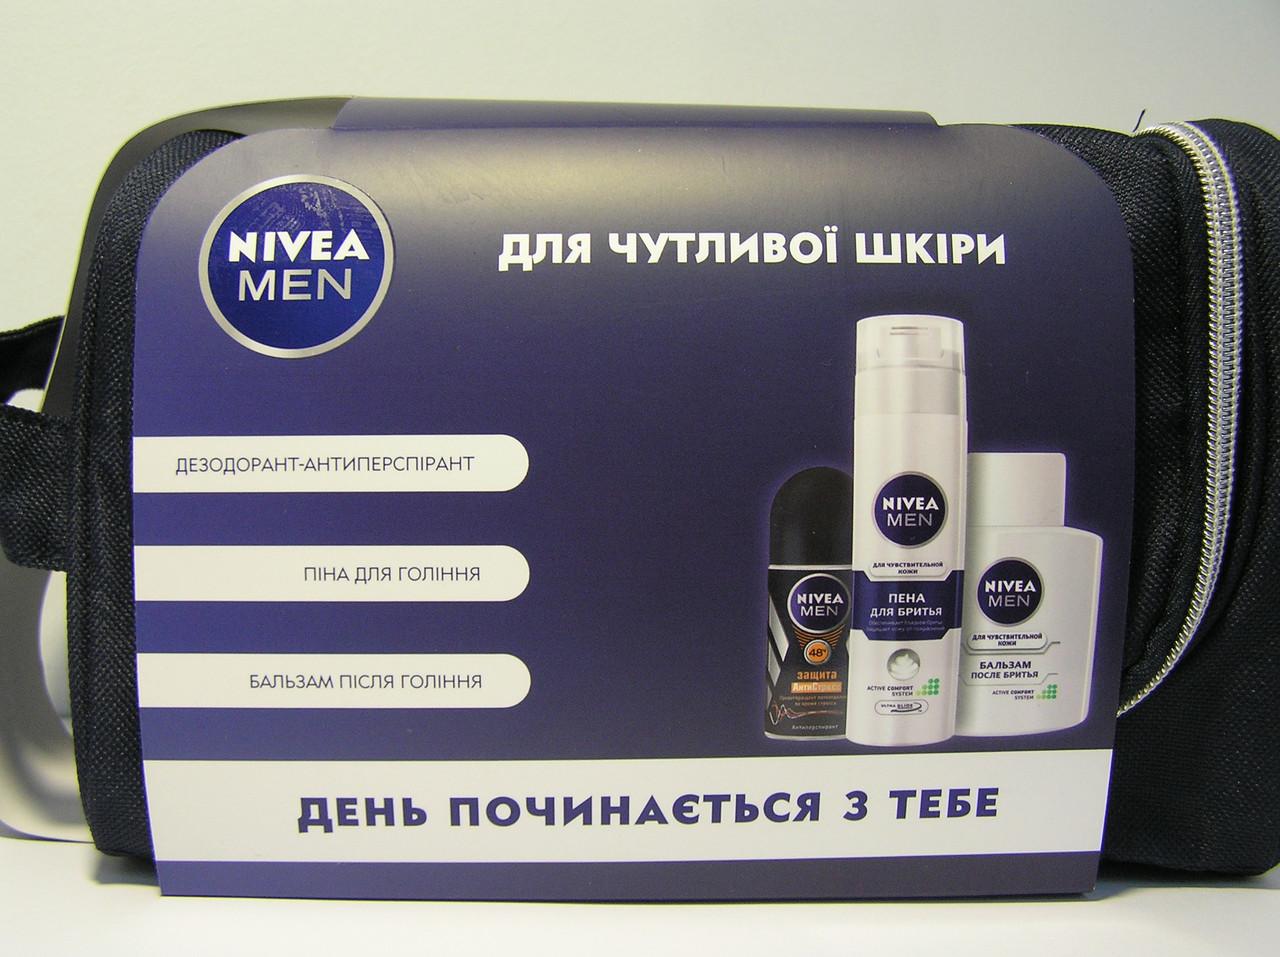 Набір чоловічий Nivea сумка 3 (Бальзам після гоління 100 мл+піна для гоління 200 мл+дезодорант кульковий)